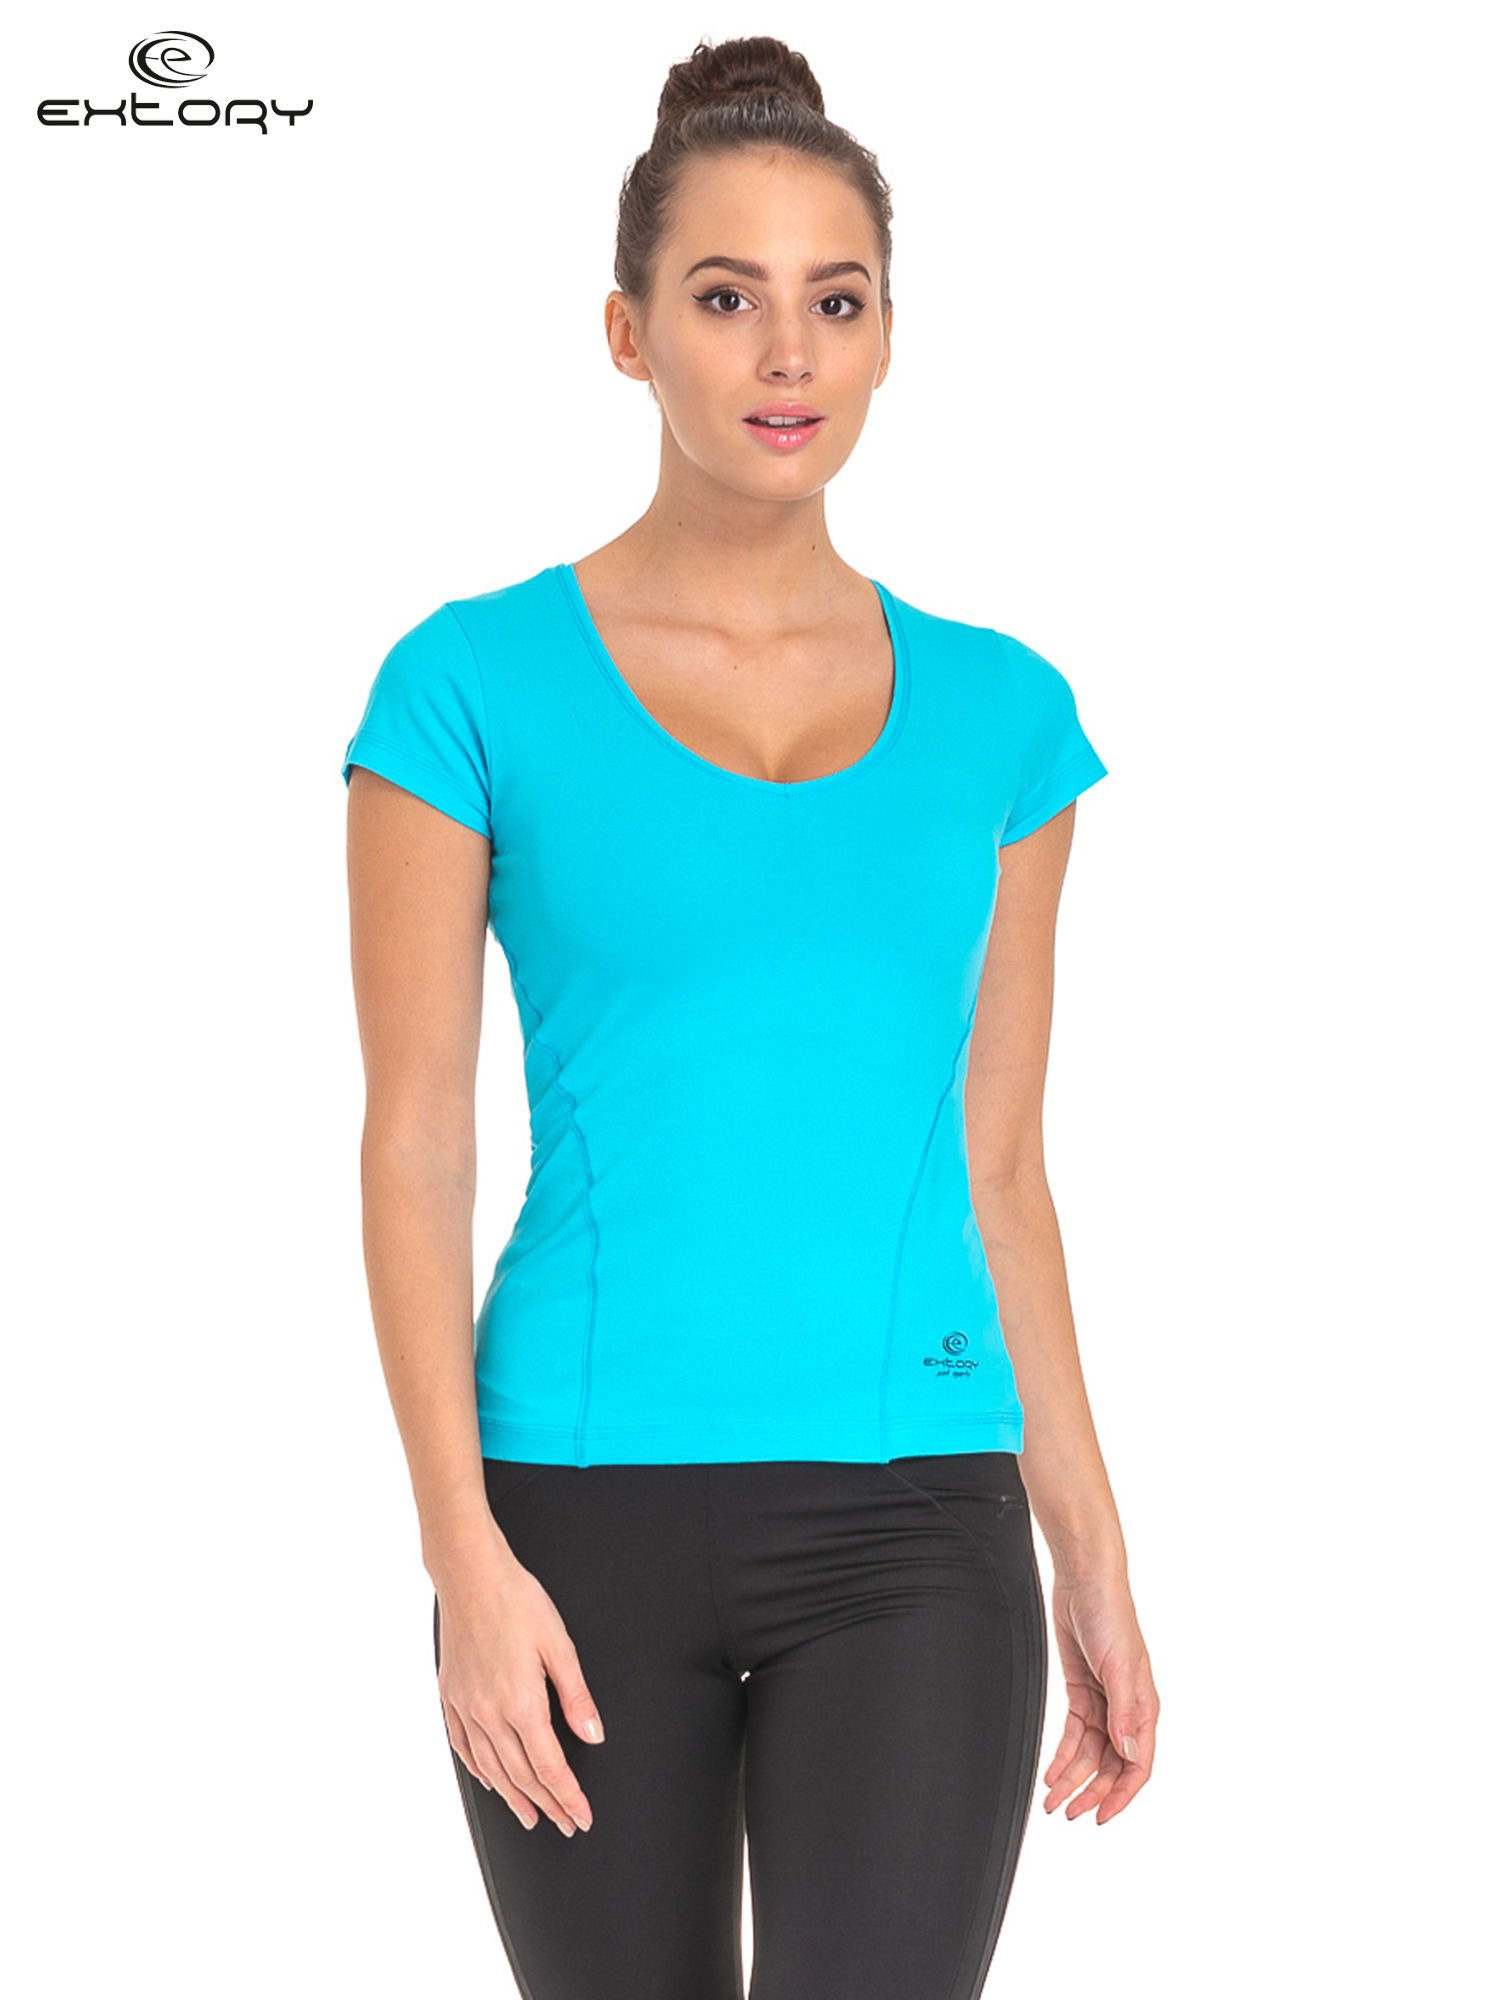 Niebieski jednolity t-shirt sportowy                                  zdj.                                  1